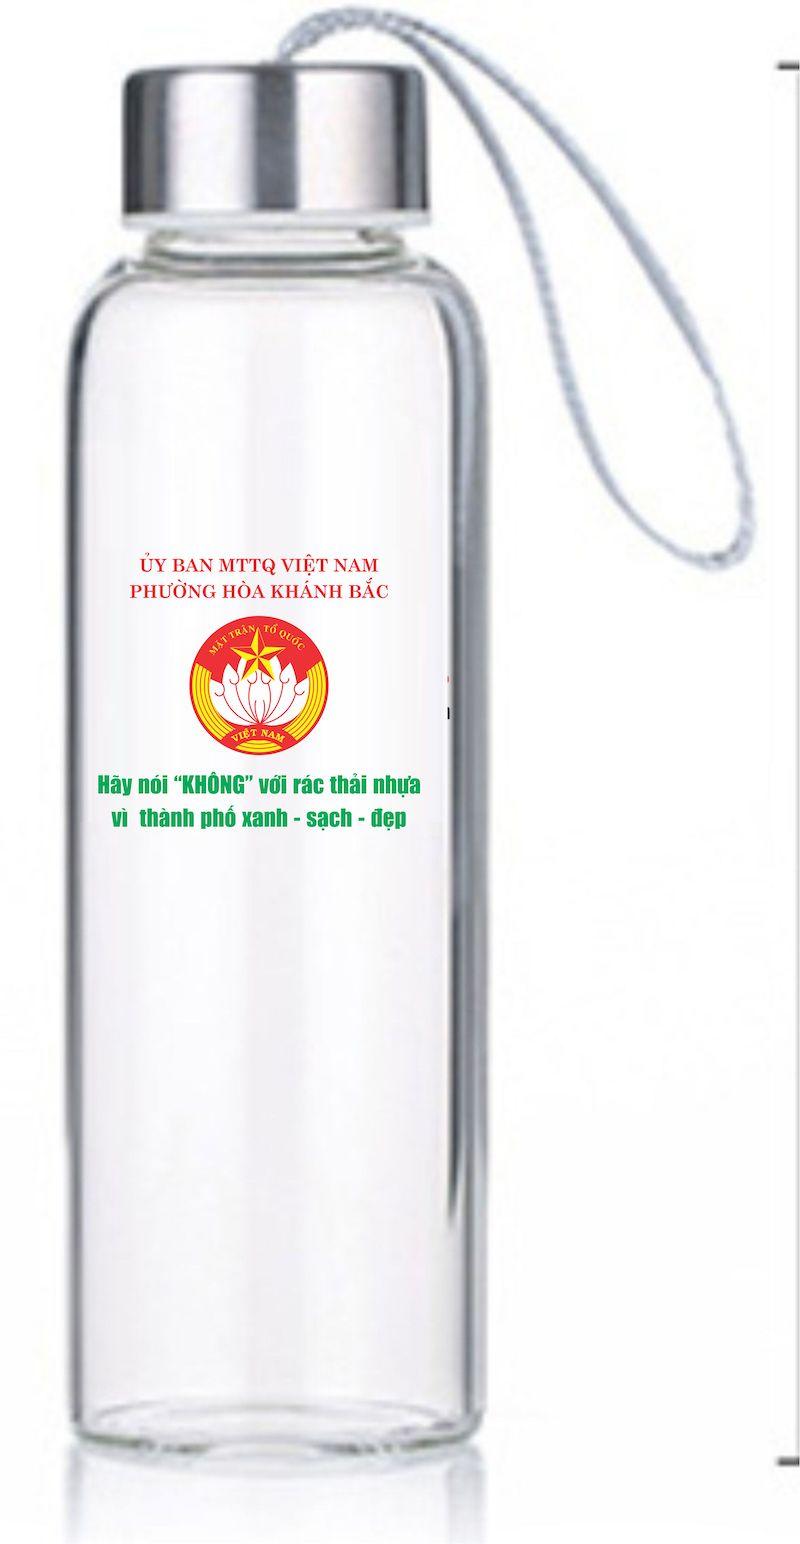 In logo trên chai thủy tinh chất lượng tại đơn vị in ấn hàng đầu In Bảo Đức